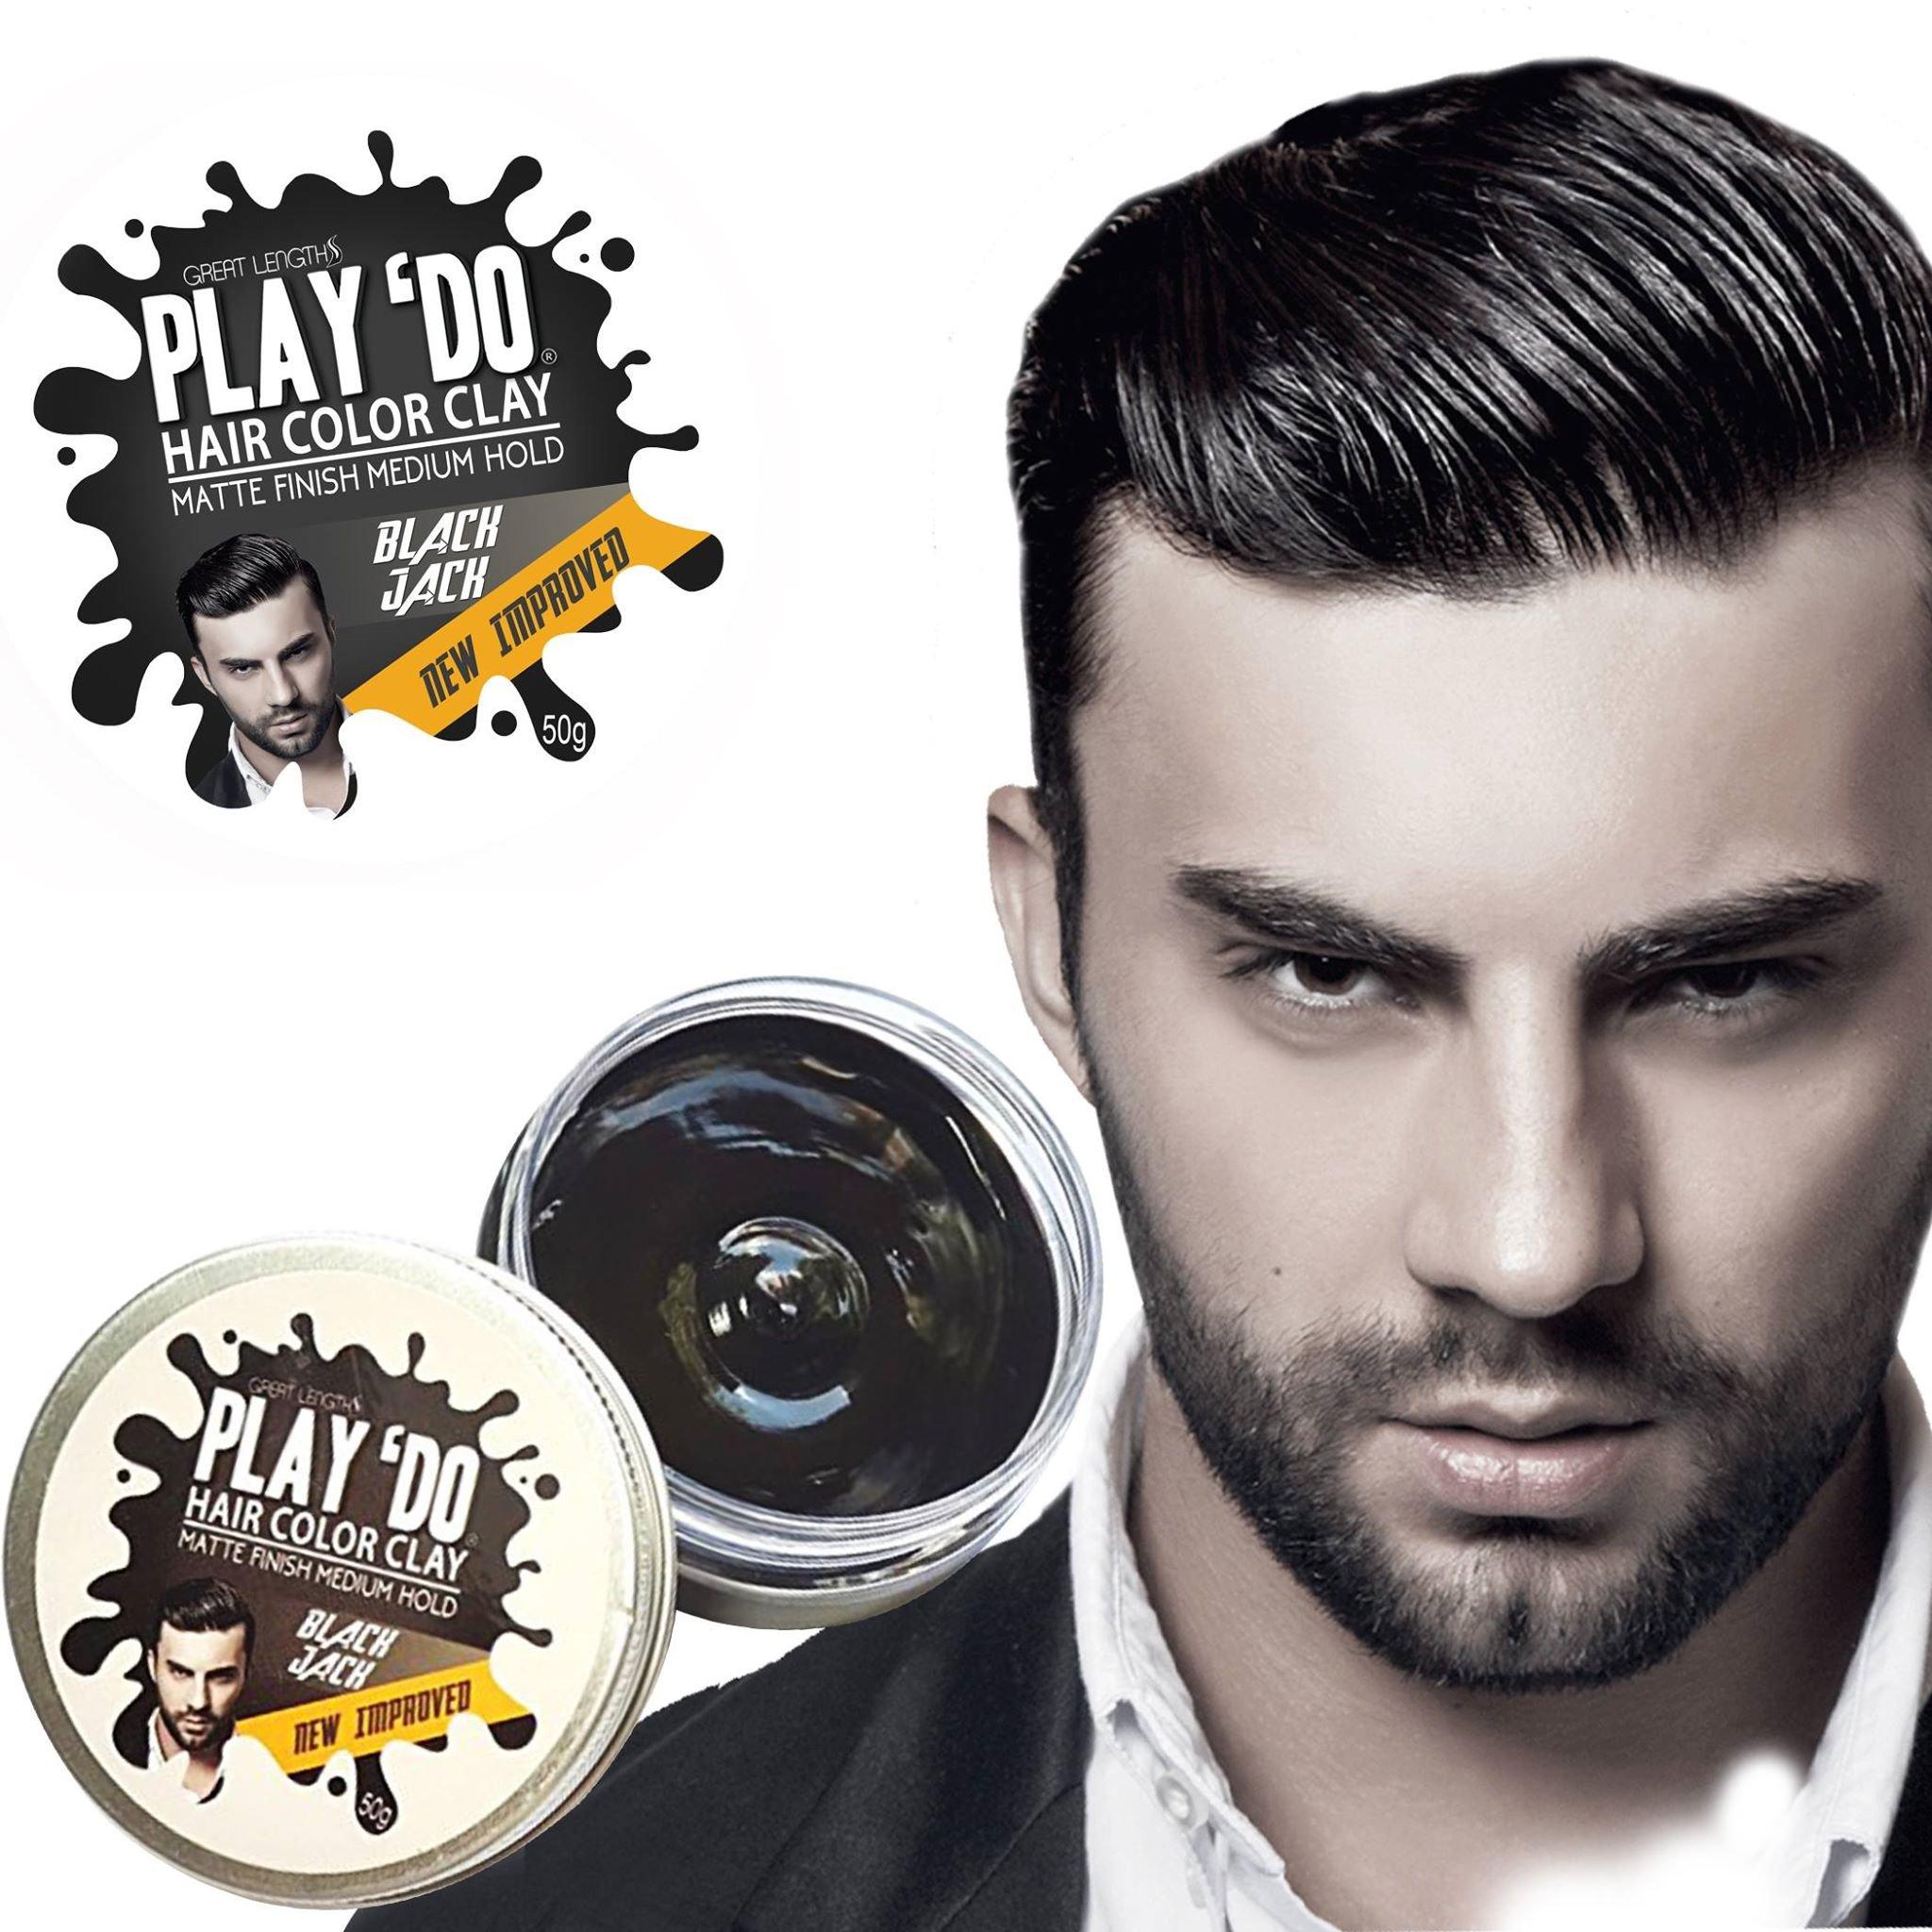 Play 'Do Temporary Hair Color, Hair Wax, Hair Clay, Mens Grooming, Pomade, Black hair dye(1.8 ounces) by Great Lengths